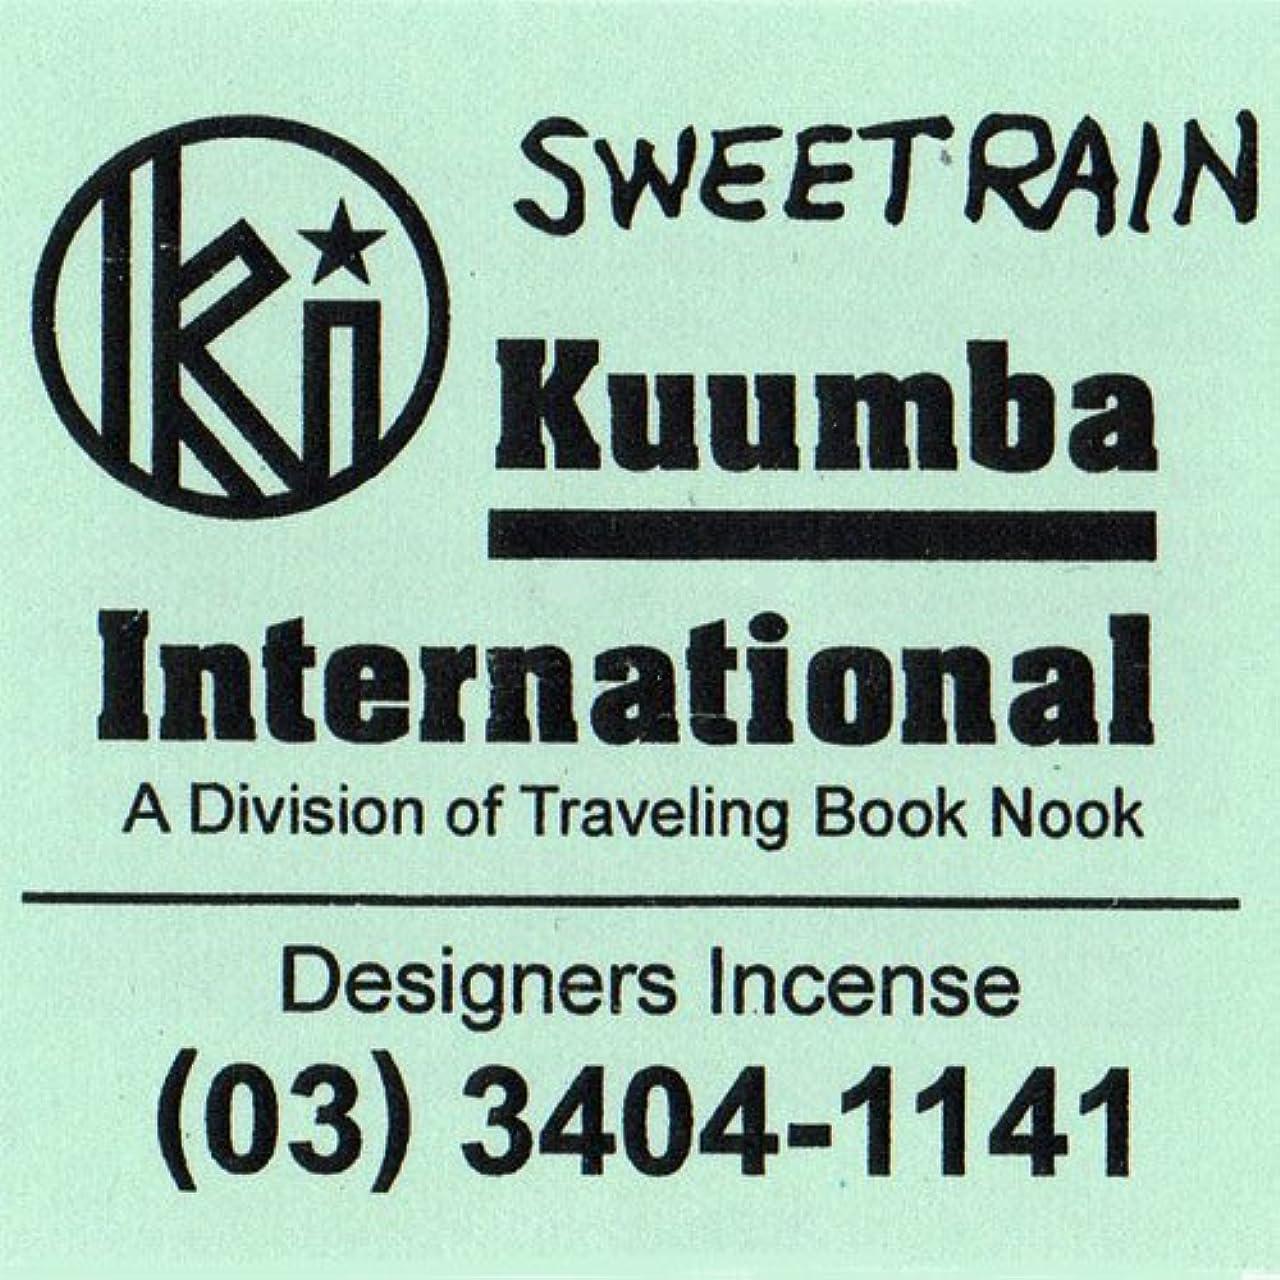 見積りマントルいっぱい(クンバ) KUUMBA『incense』(SWEET RAIN) (Mini size)